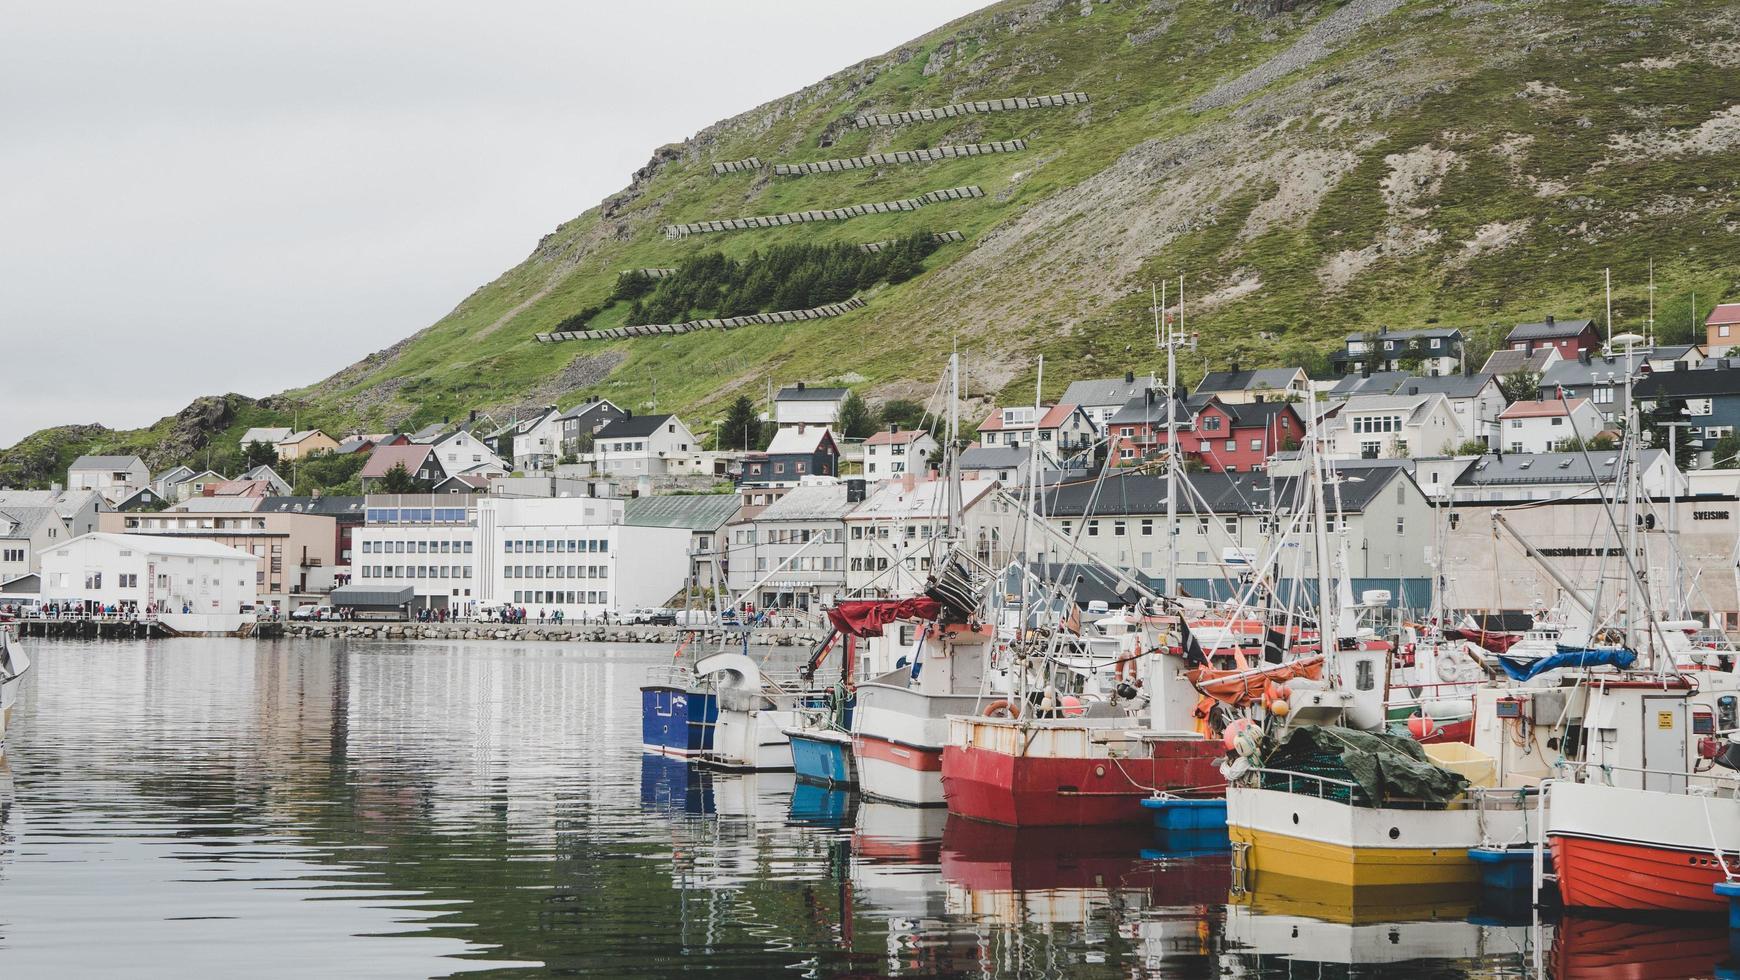 Boote mit Gebäuden und Bergen angedockt foto